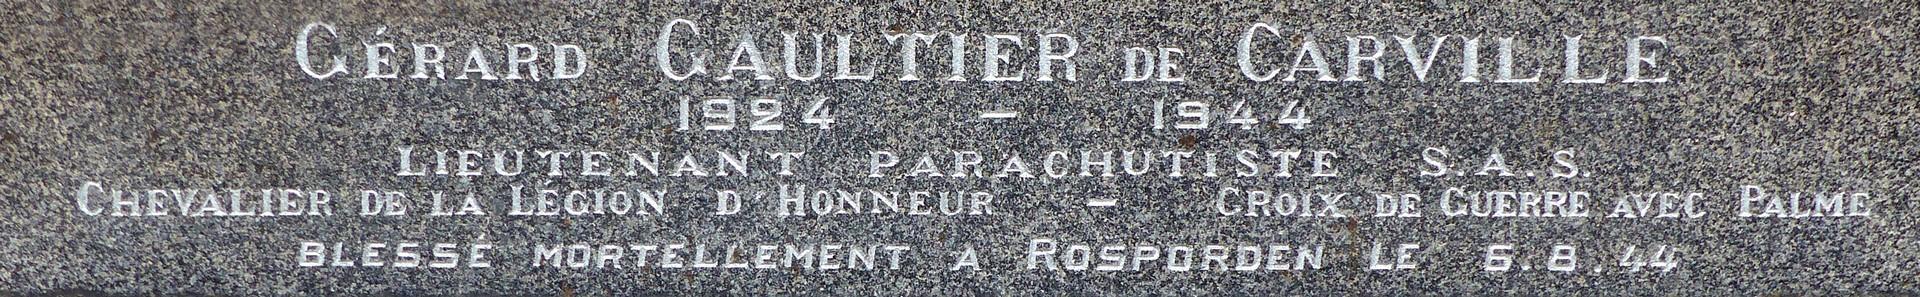 Gérard de Carville à Guiscriff